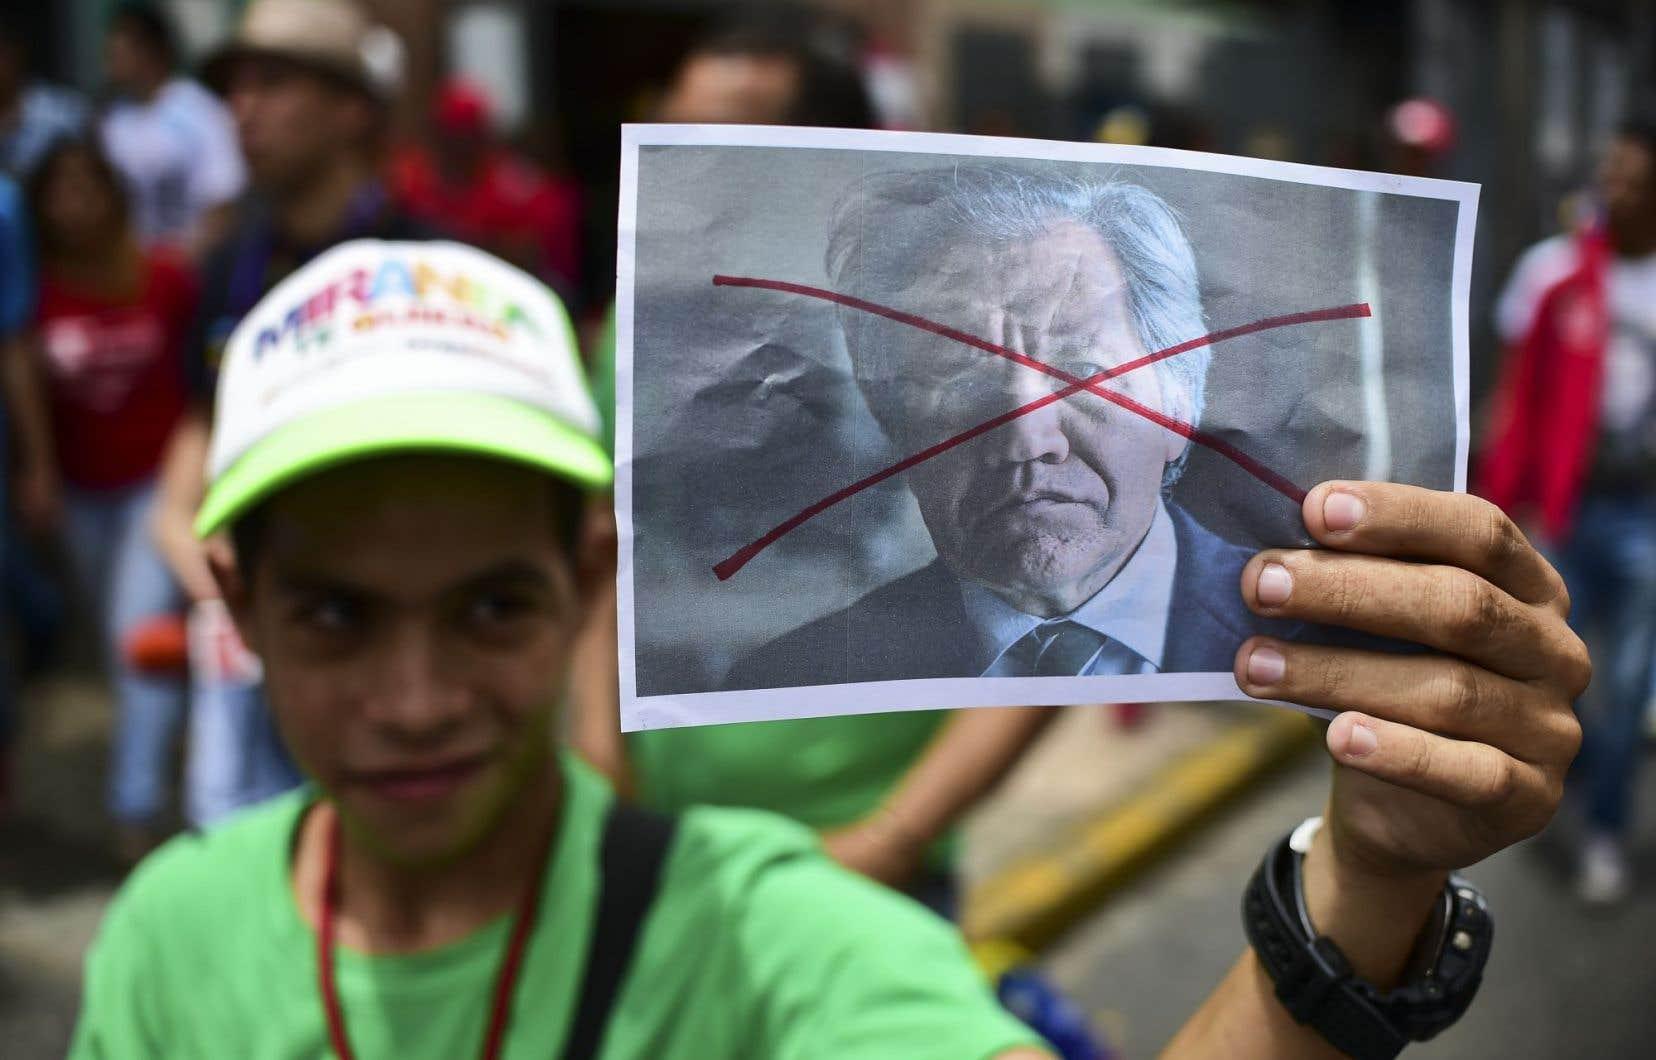 Des partisans du président vénézuélien ont défilé dans les rues de Caracas, mercredi, pour protester contre l'Organisation des États américains et son secrétaire général, Luis Almagro.